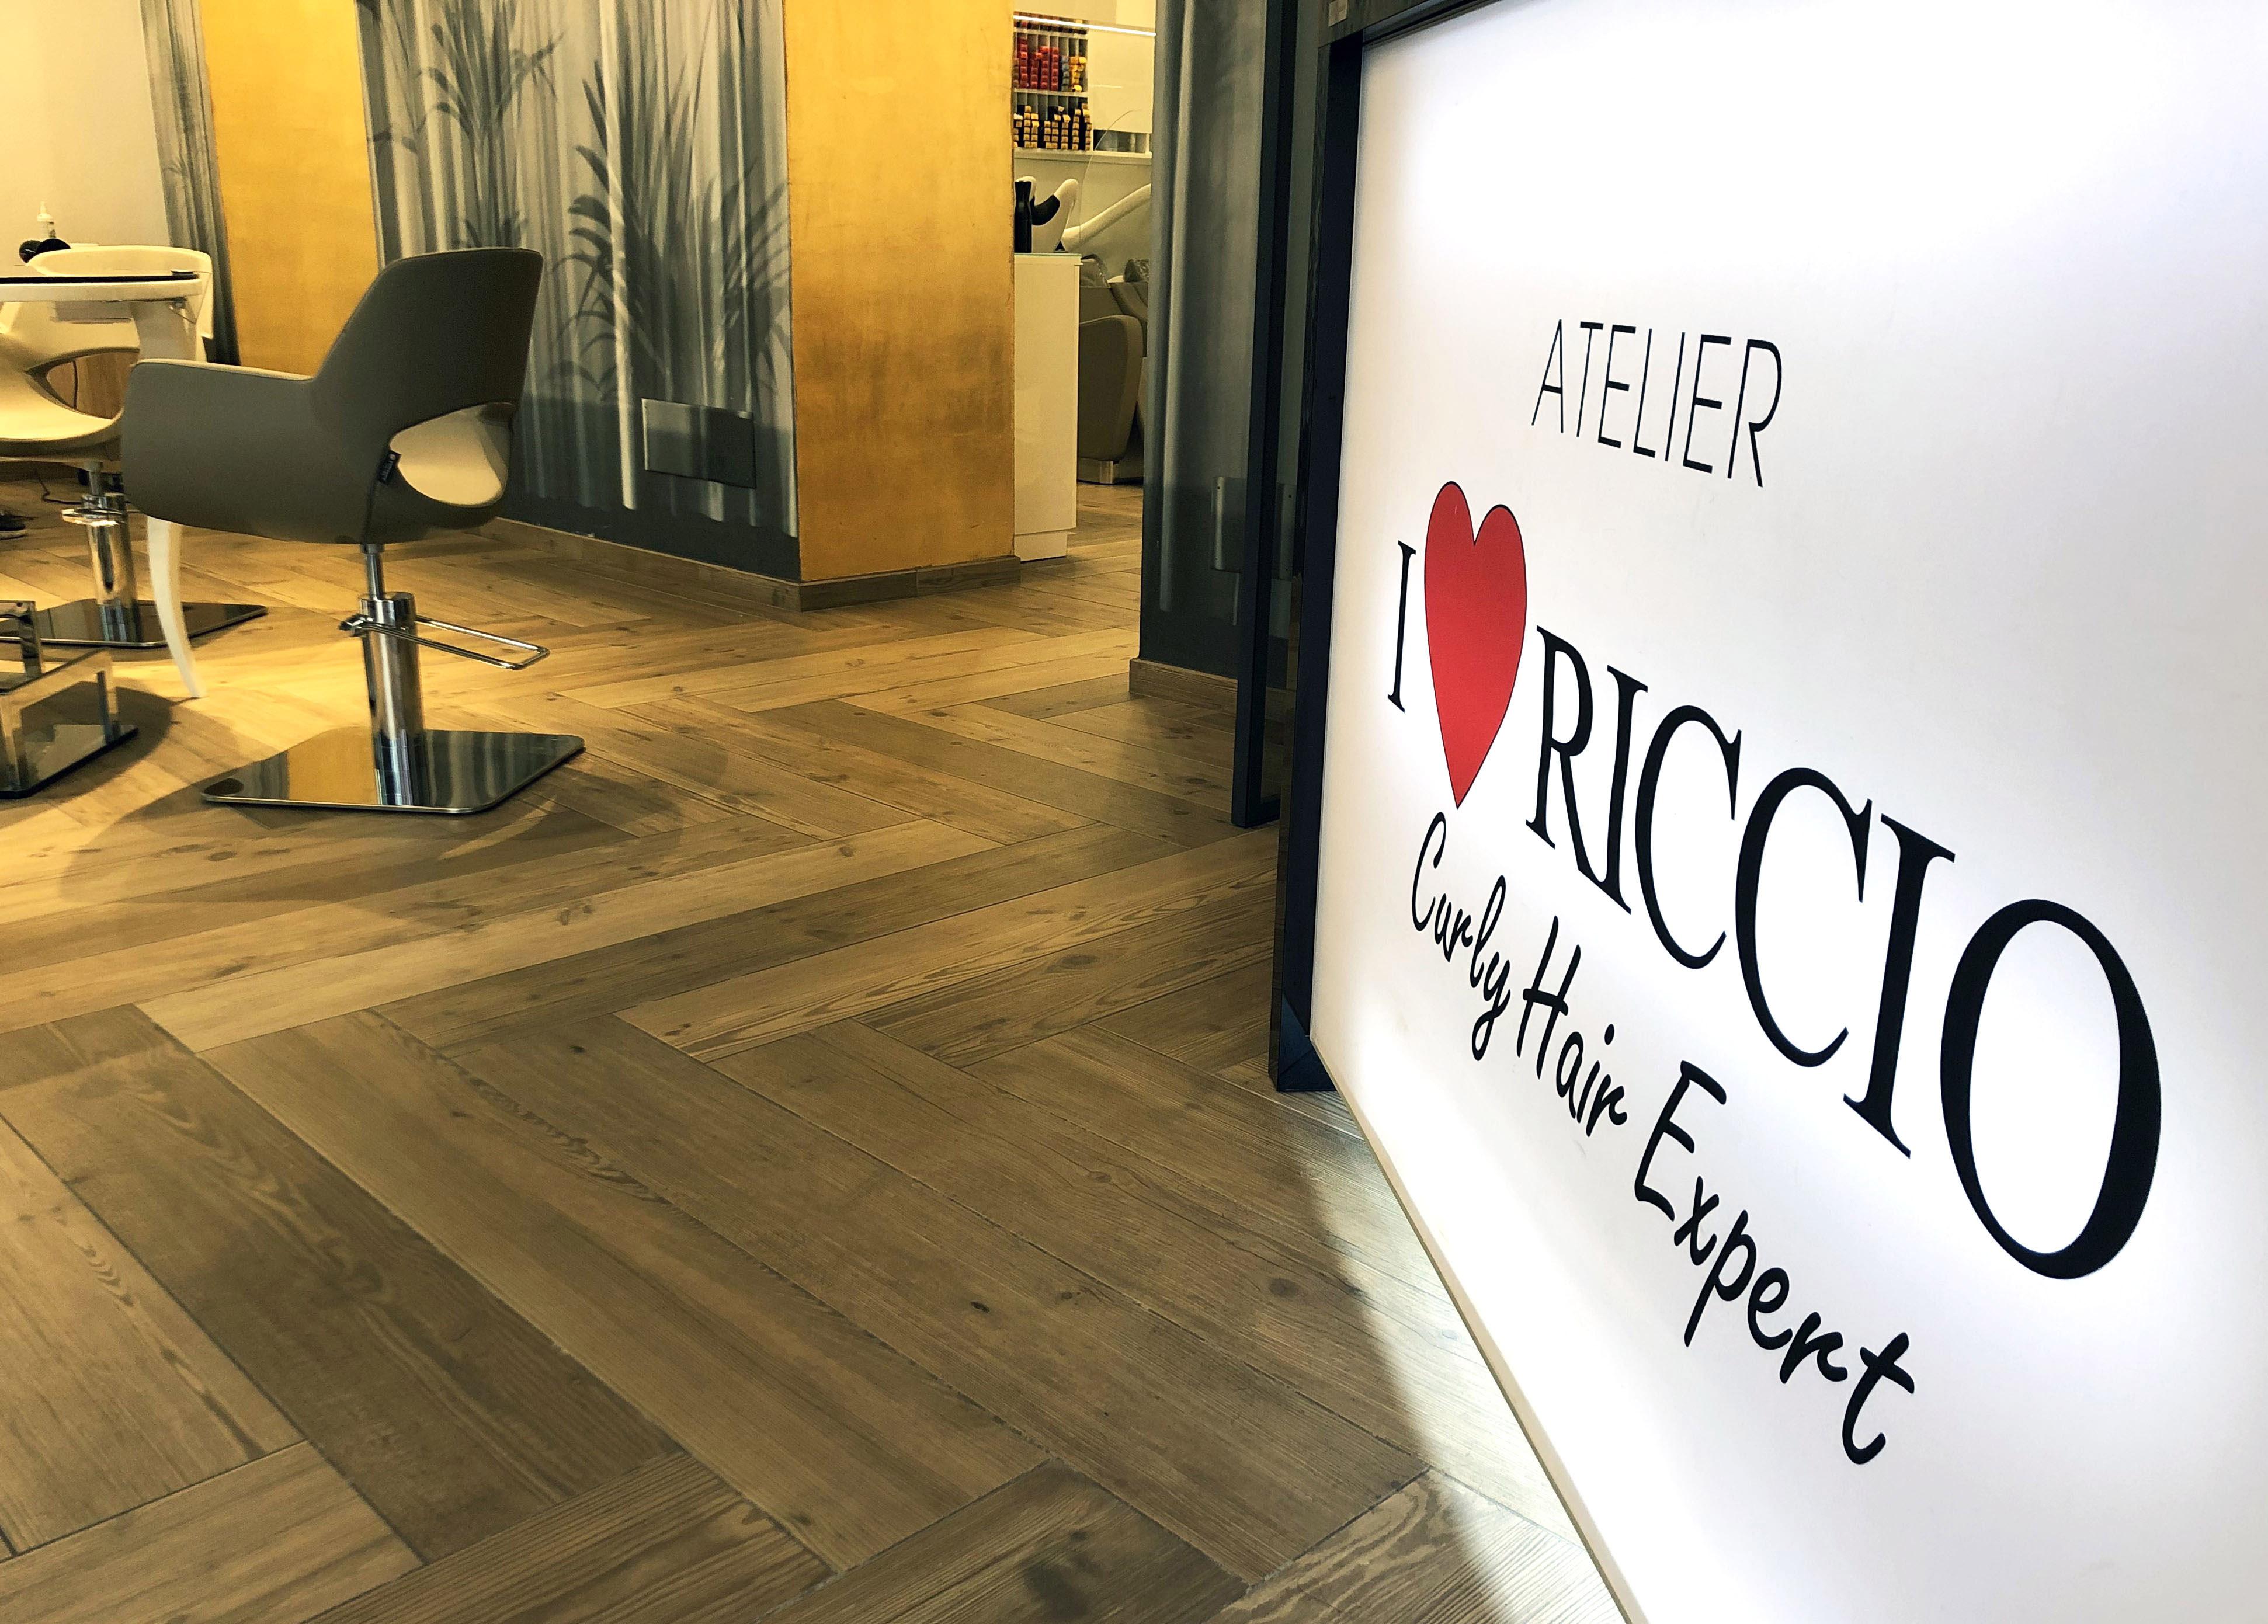 i-love-riccio-recensione-opinioni-prezzo-info-parrucchiere-ricci